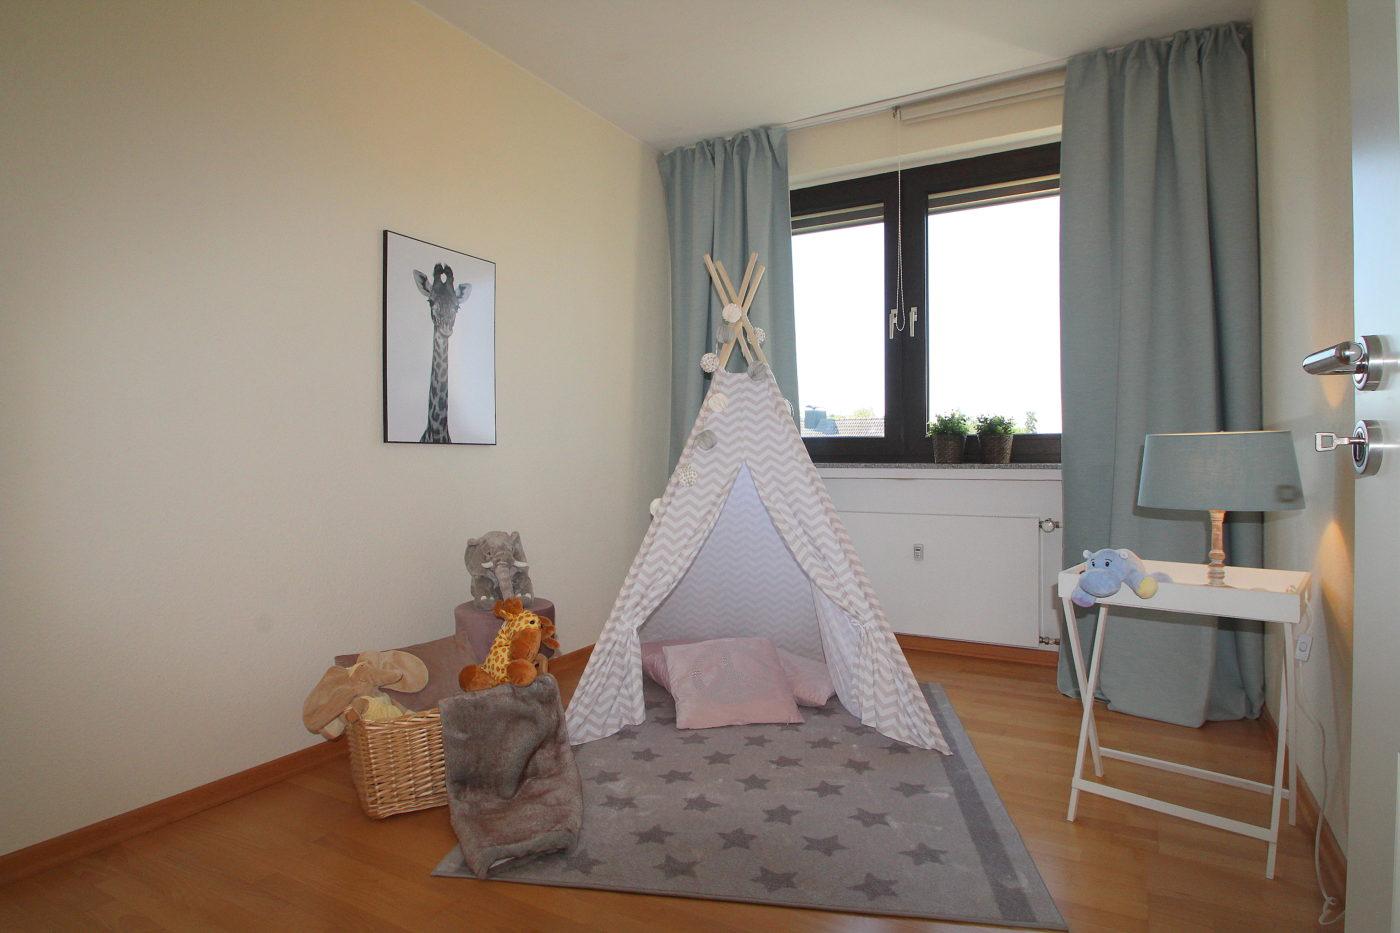 Kinderzimmer nach dem Homestaging durch Nicole Biernath von Blickfang Homestaging in Soest